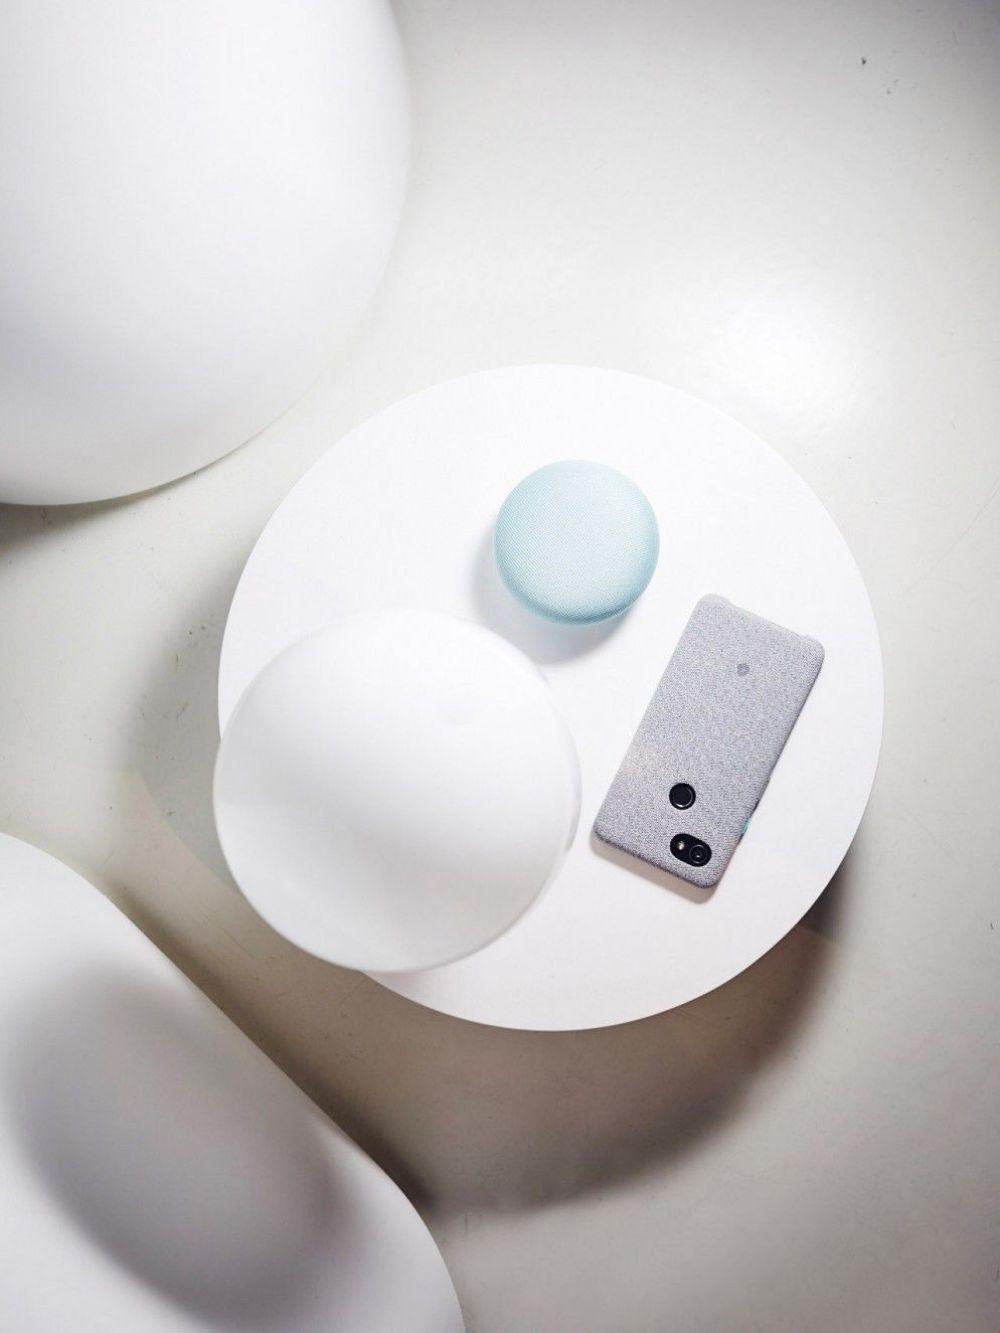 Dispositivos de Google para un hogar más inteligente, para aumentar el bienestar